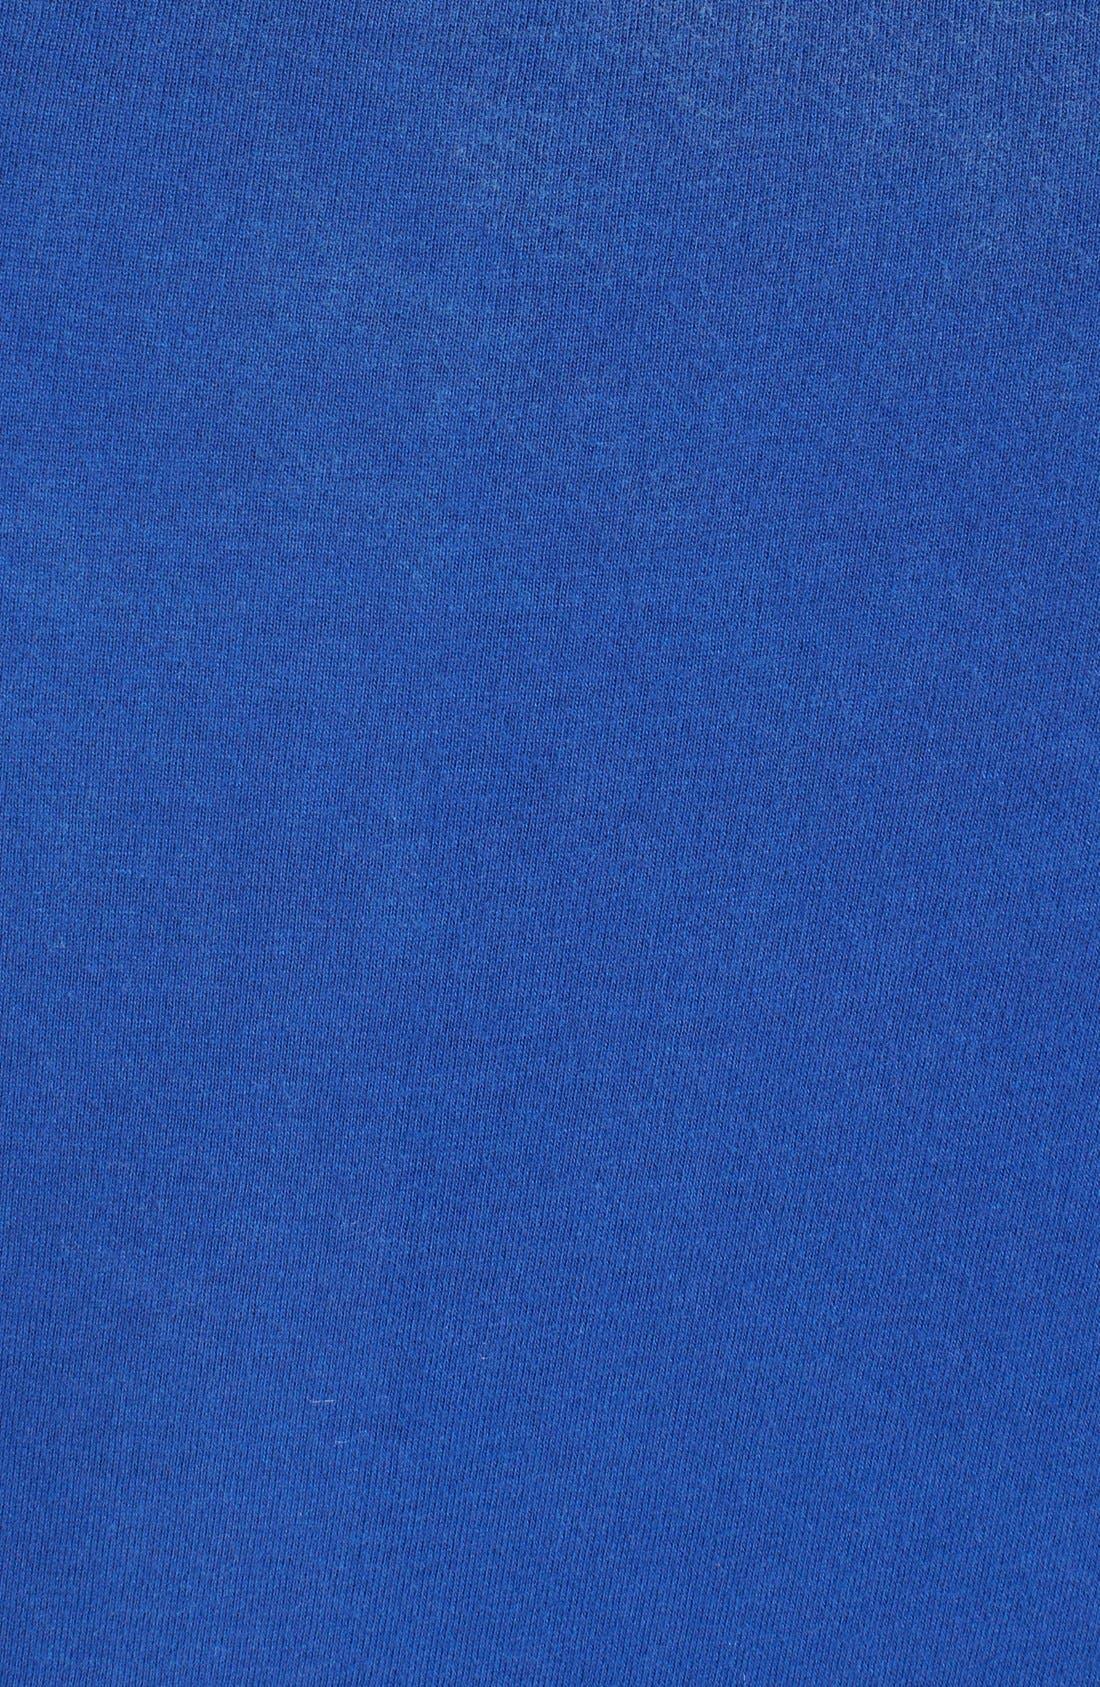 'Deadringer - New York Rangers' T-Shirt,                             Alternate thumbnail 3, color,                             420